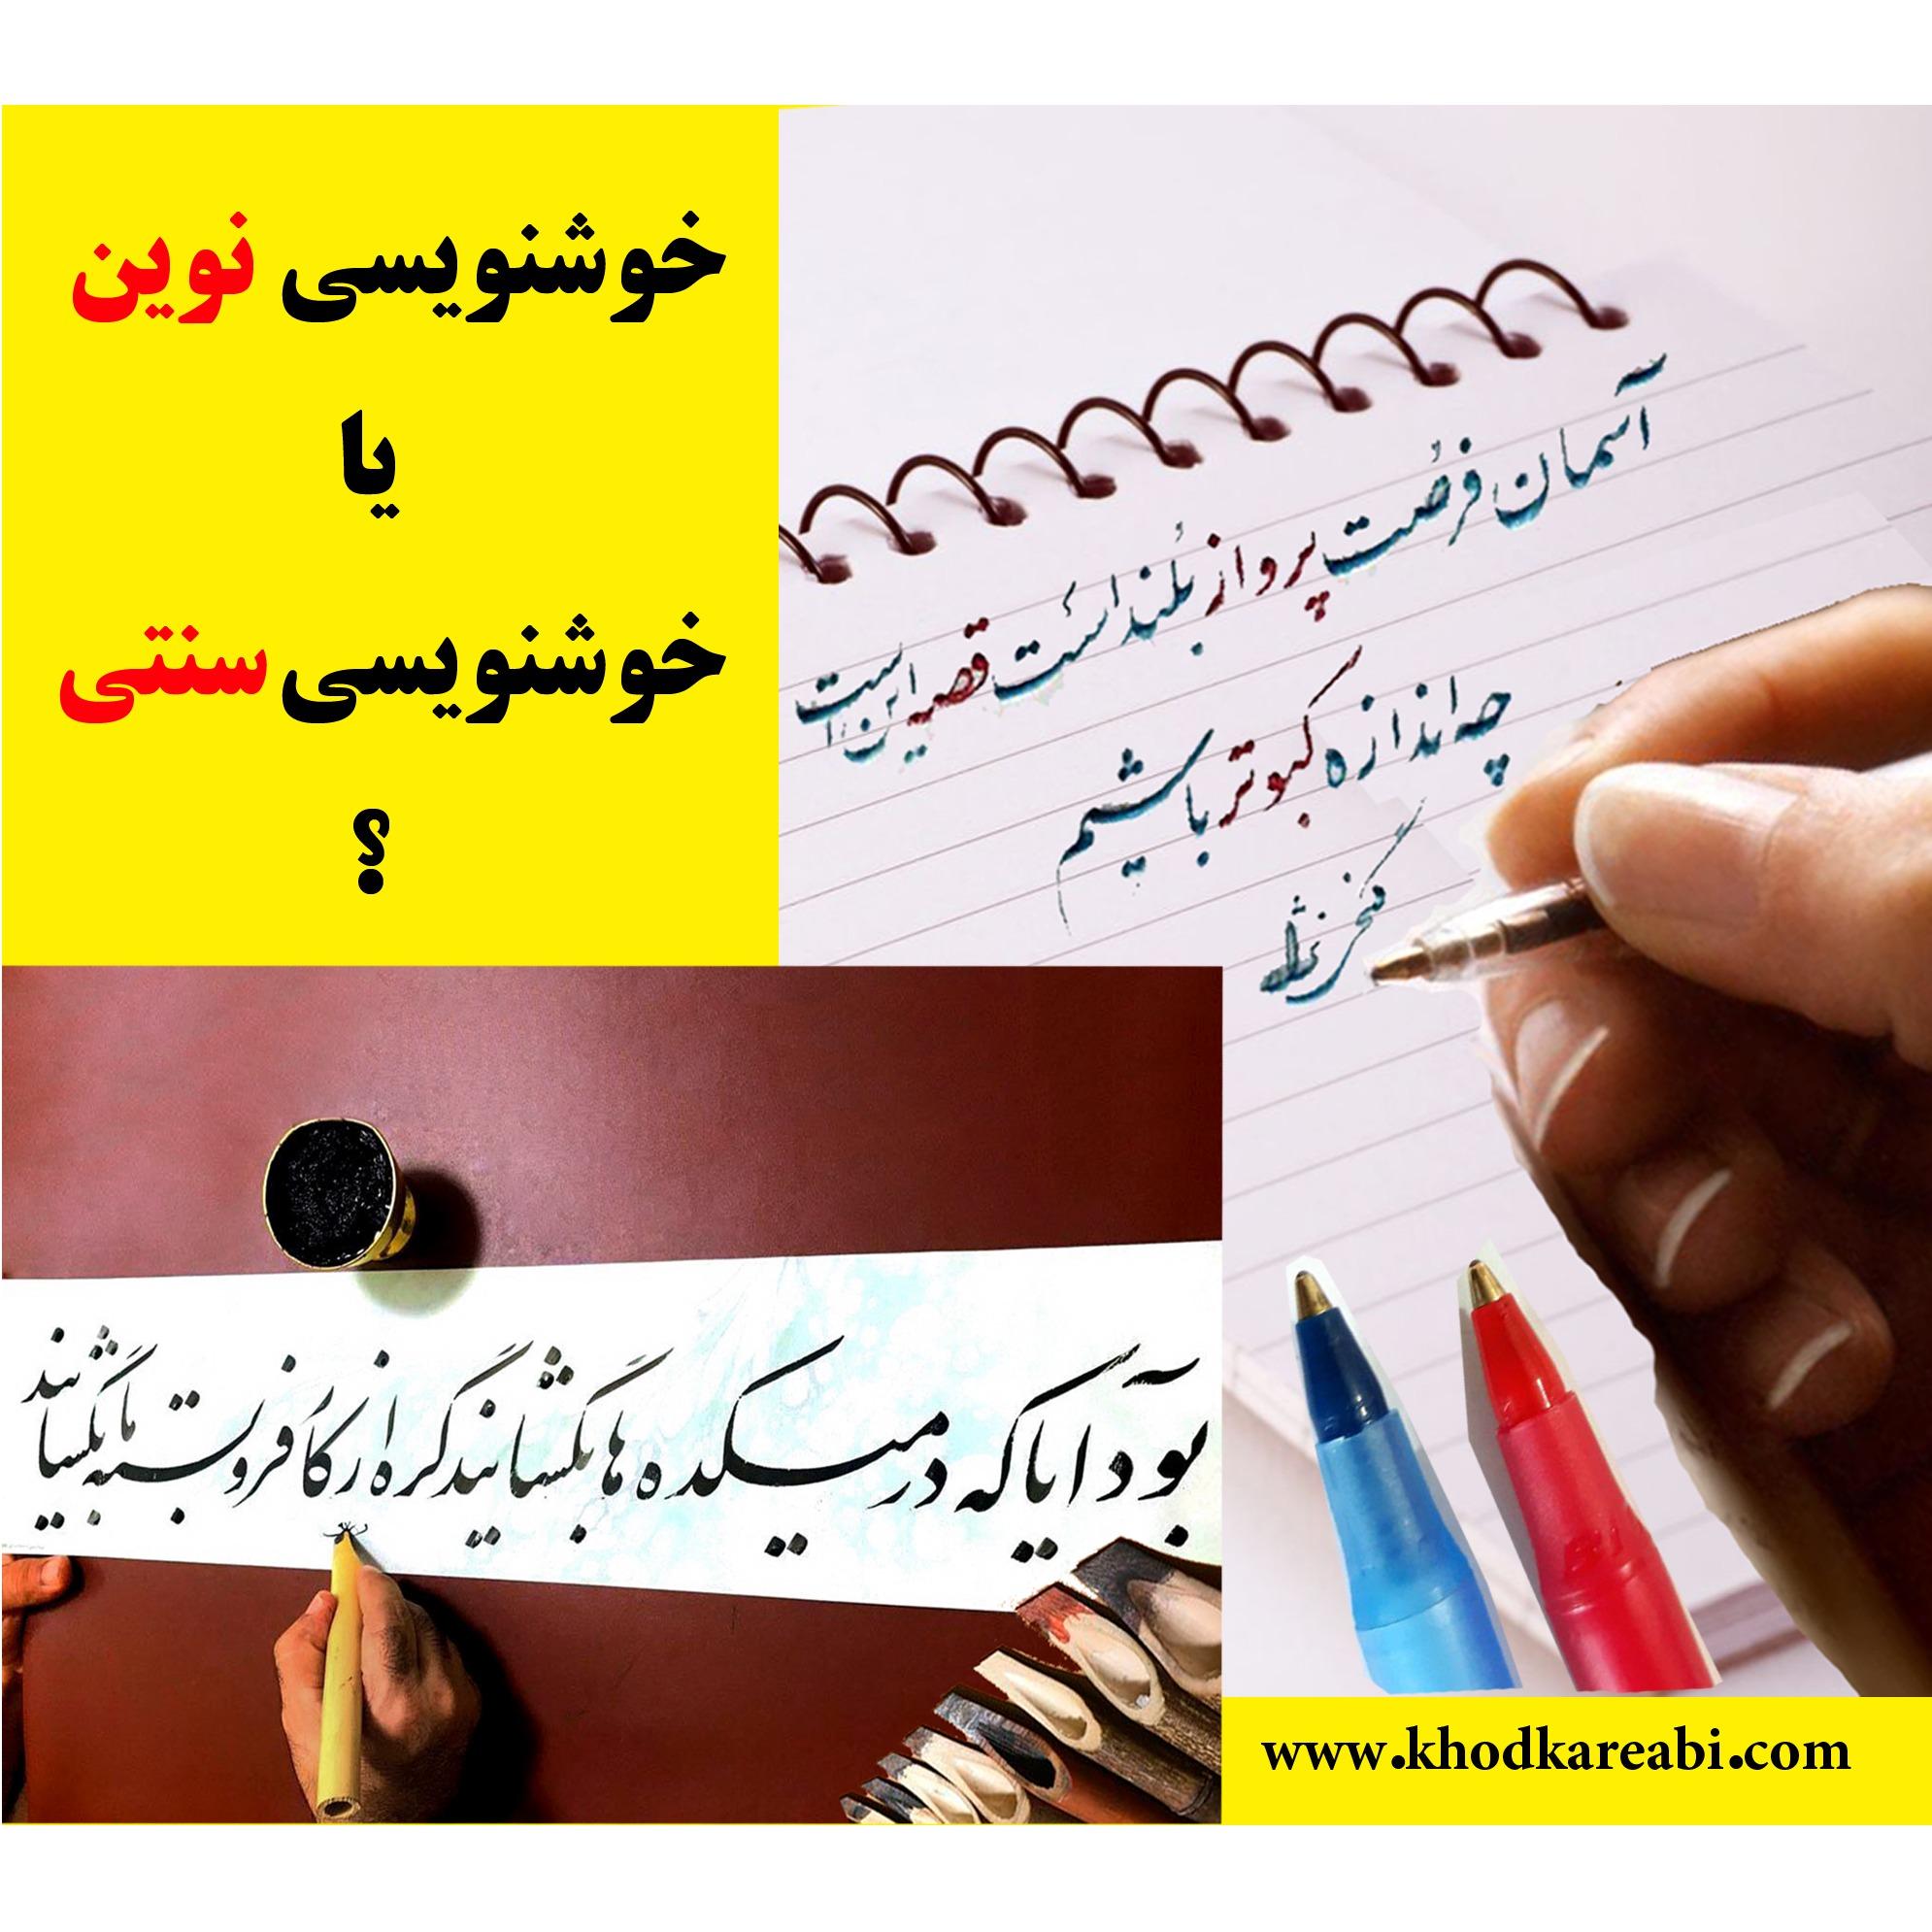 خوشنویسی نوین یا خوشنویسی سنتی؟